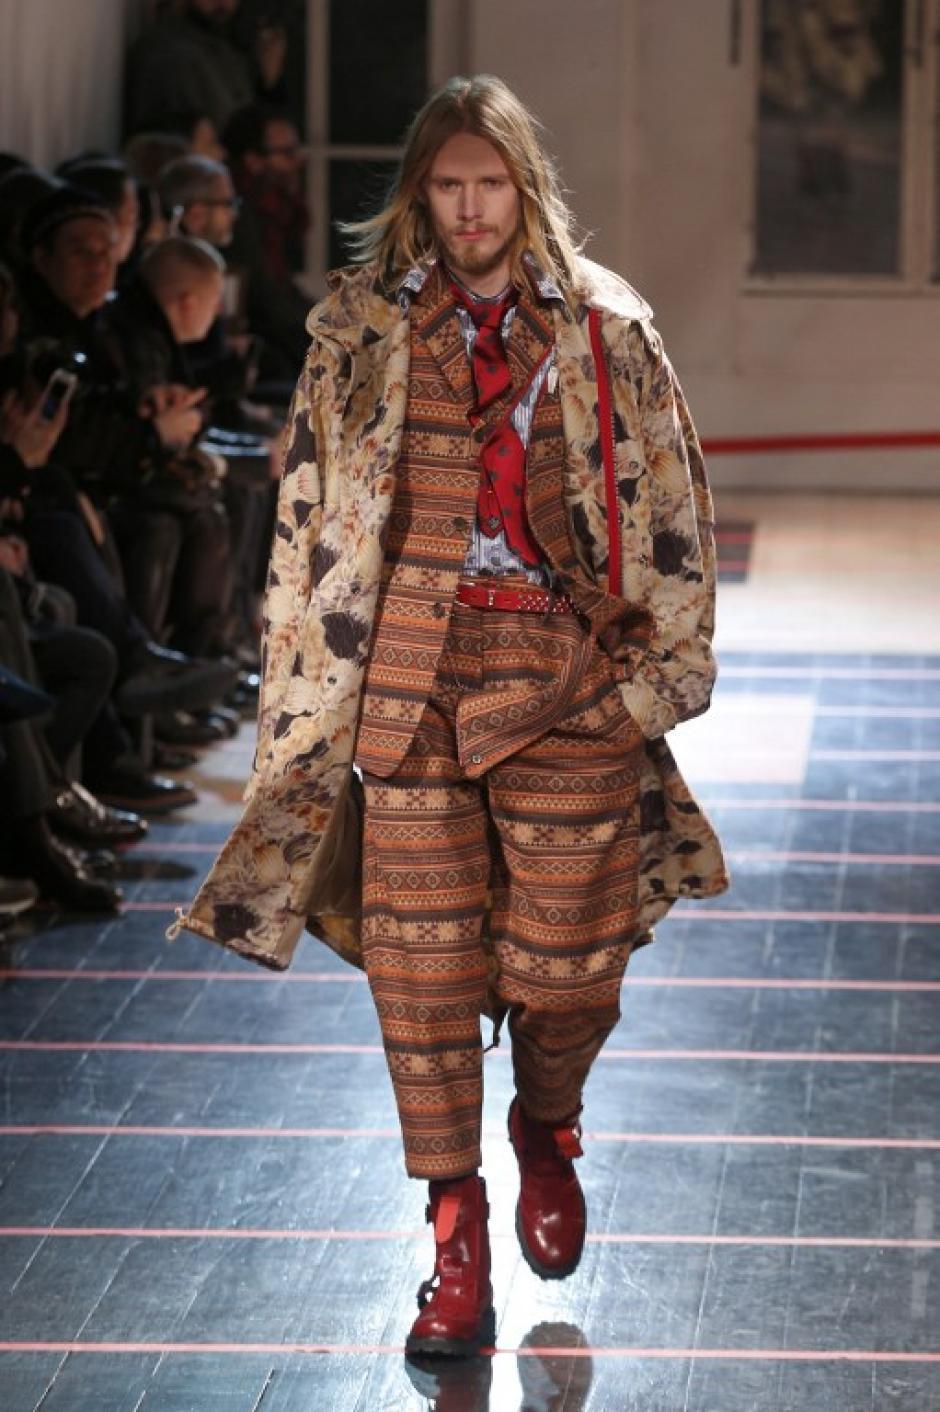 En la Semana de la Moda en París también se presentaron diseñadores asiáticos como Yohji Yamamoto que presentaron diseños mucho más vanguardistas.